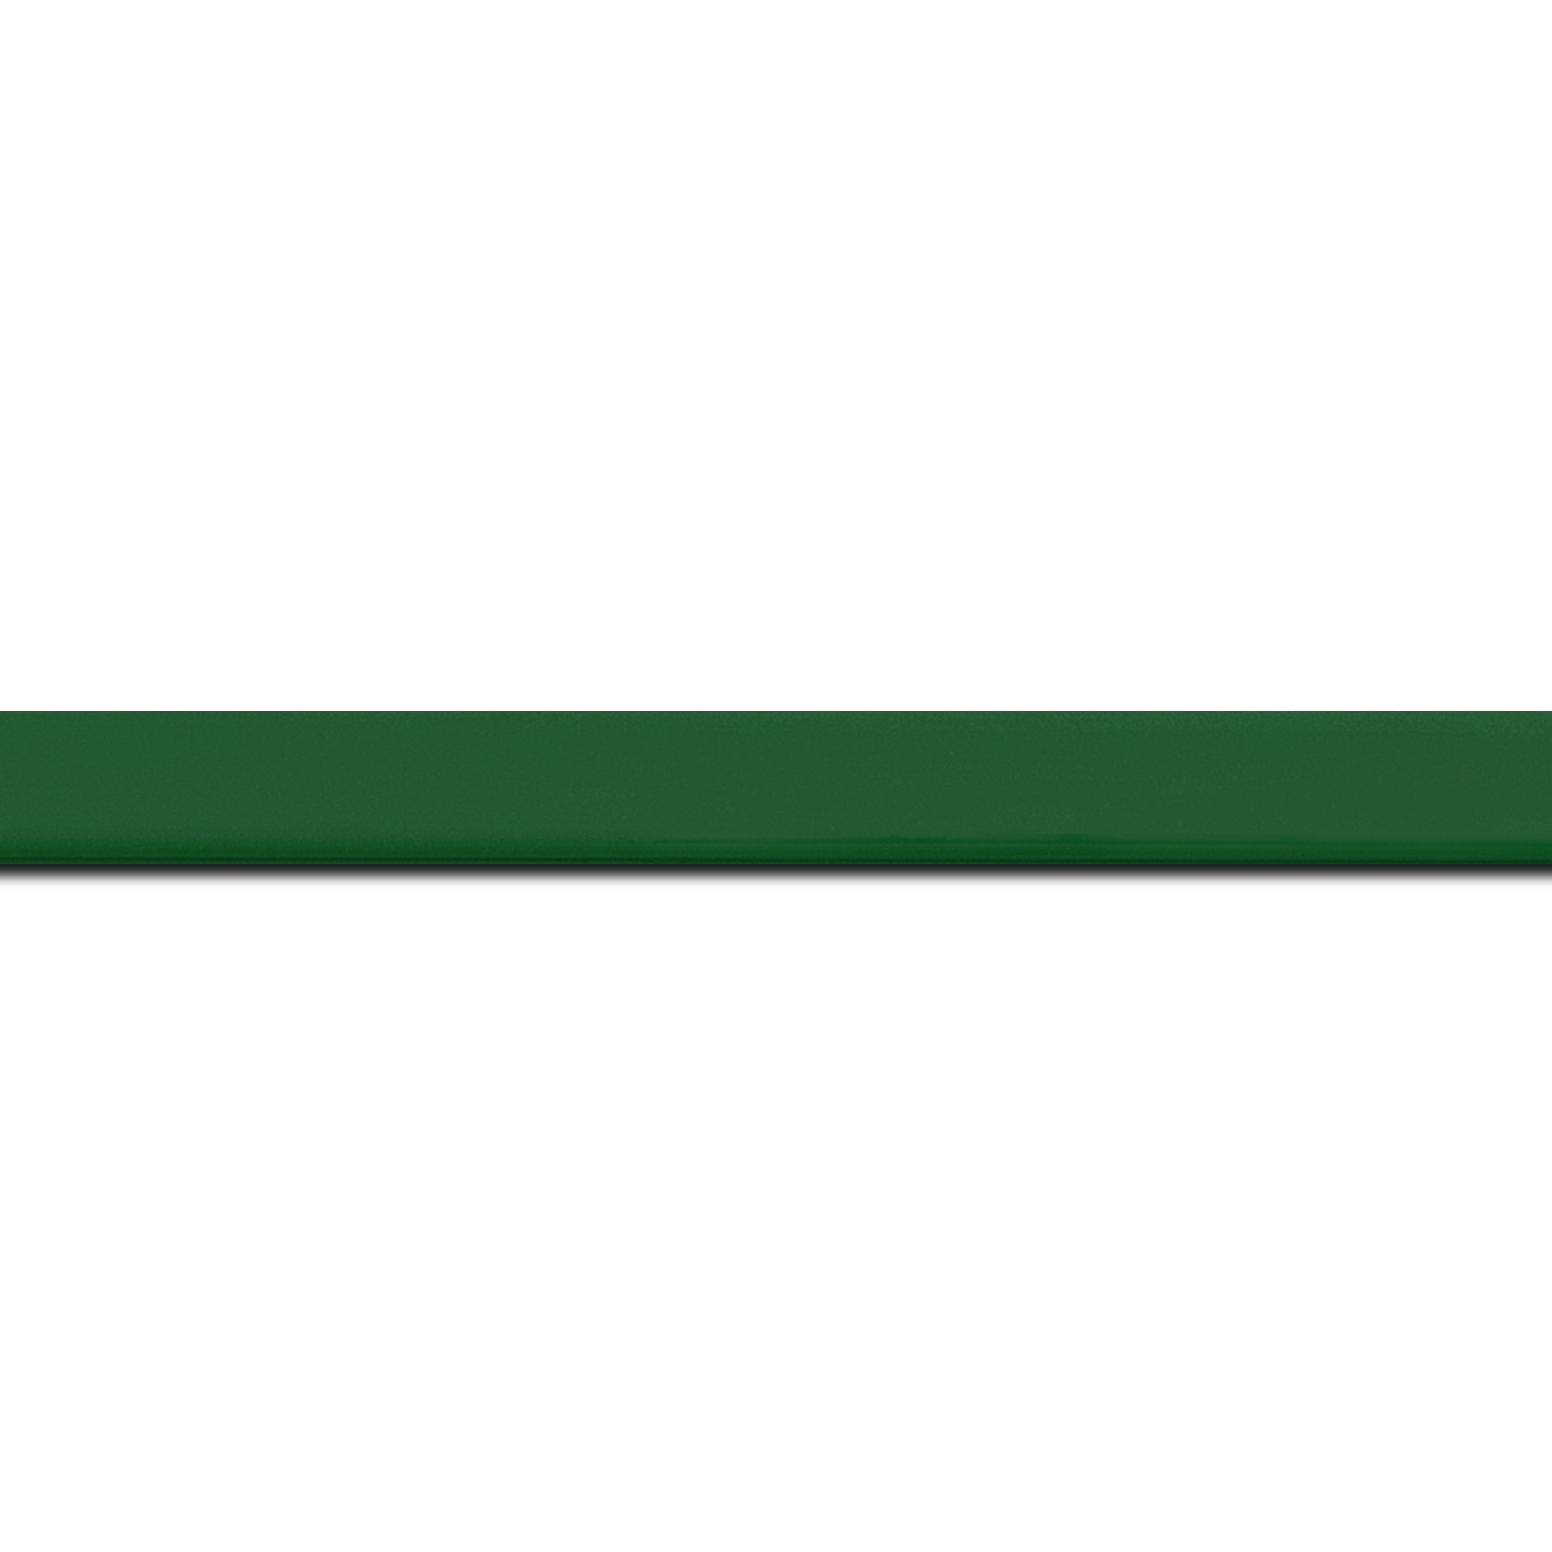 Baguette longueur 1.40m bois profil méplat largeur 1.4cm couleur vert anglais laqué